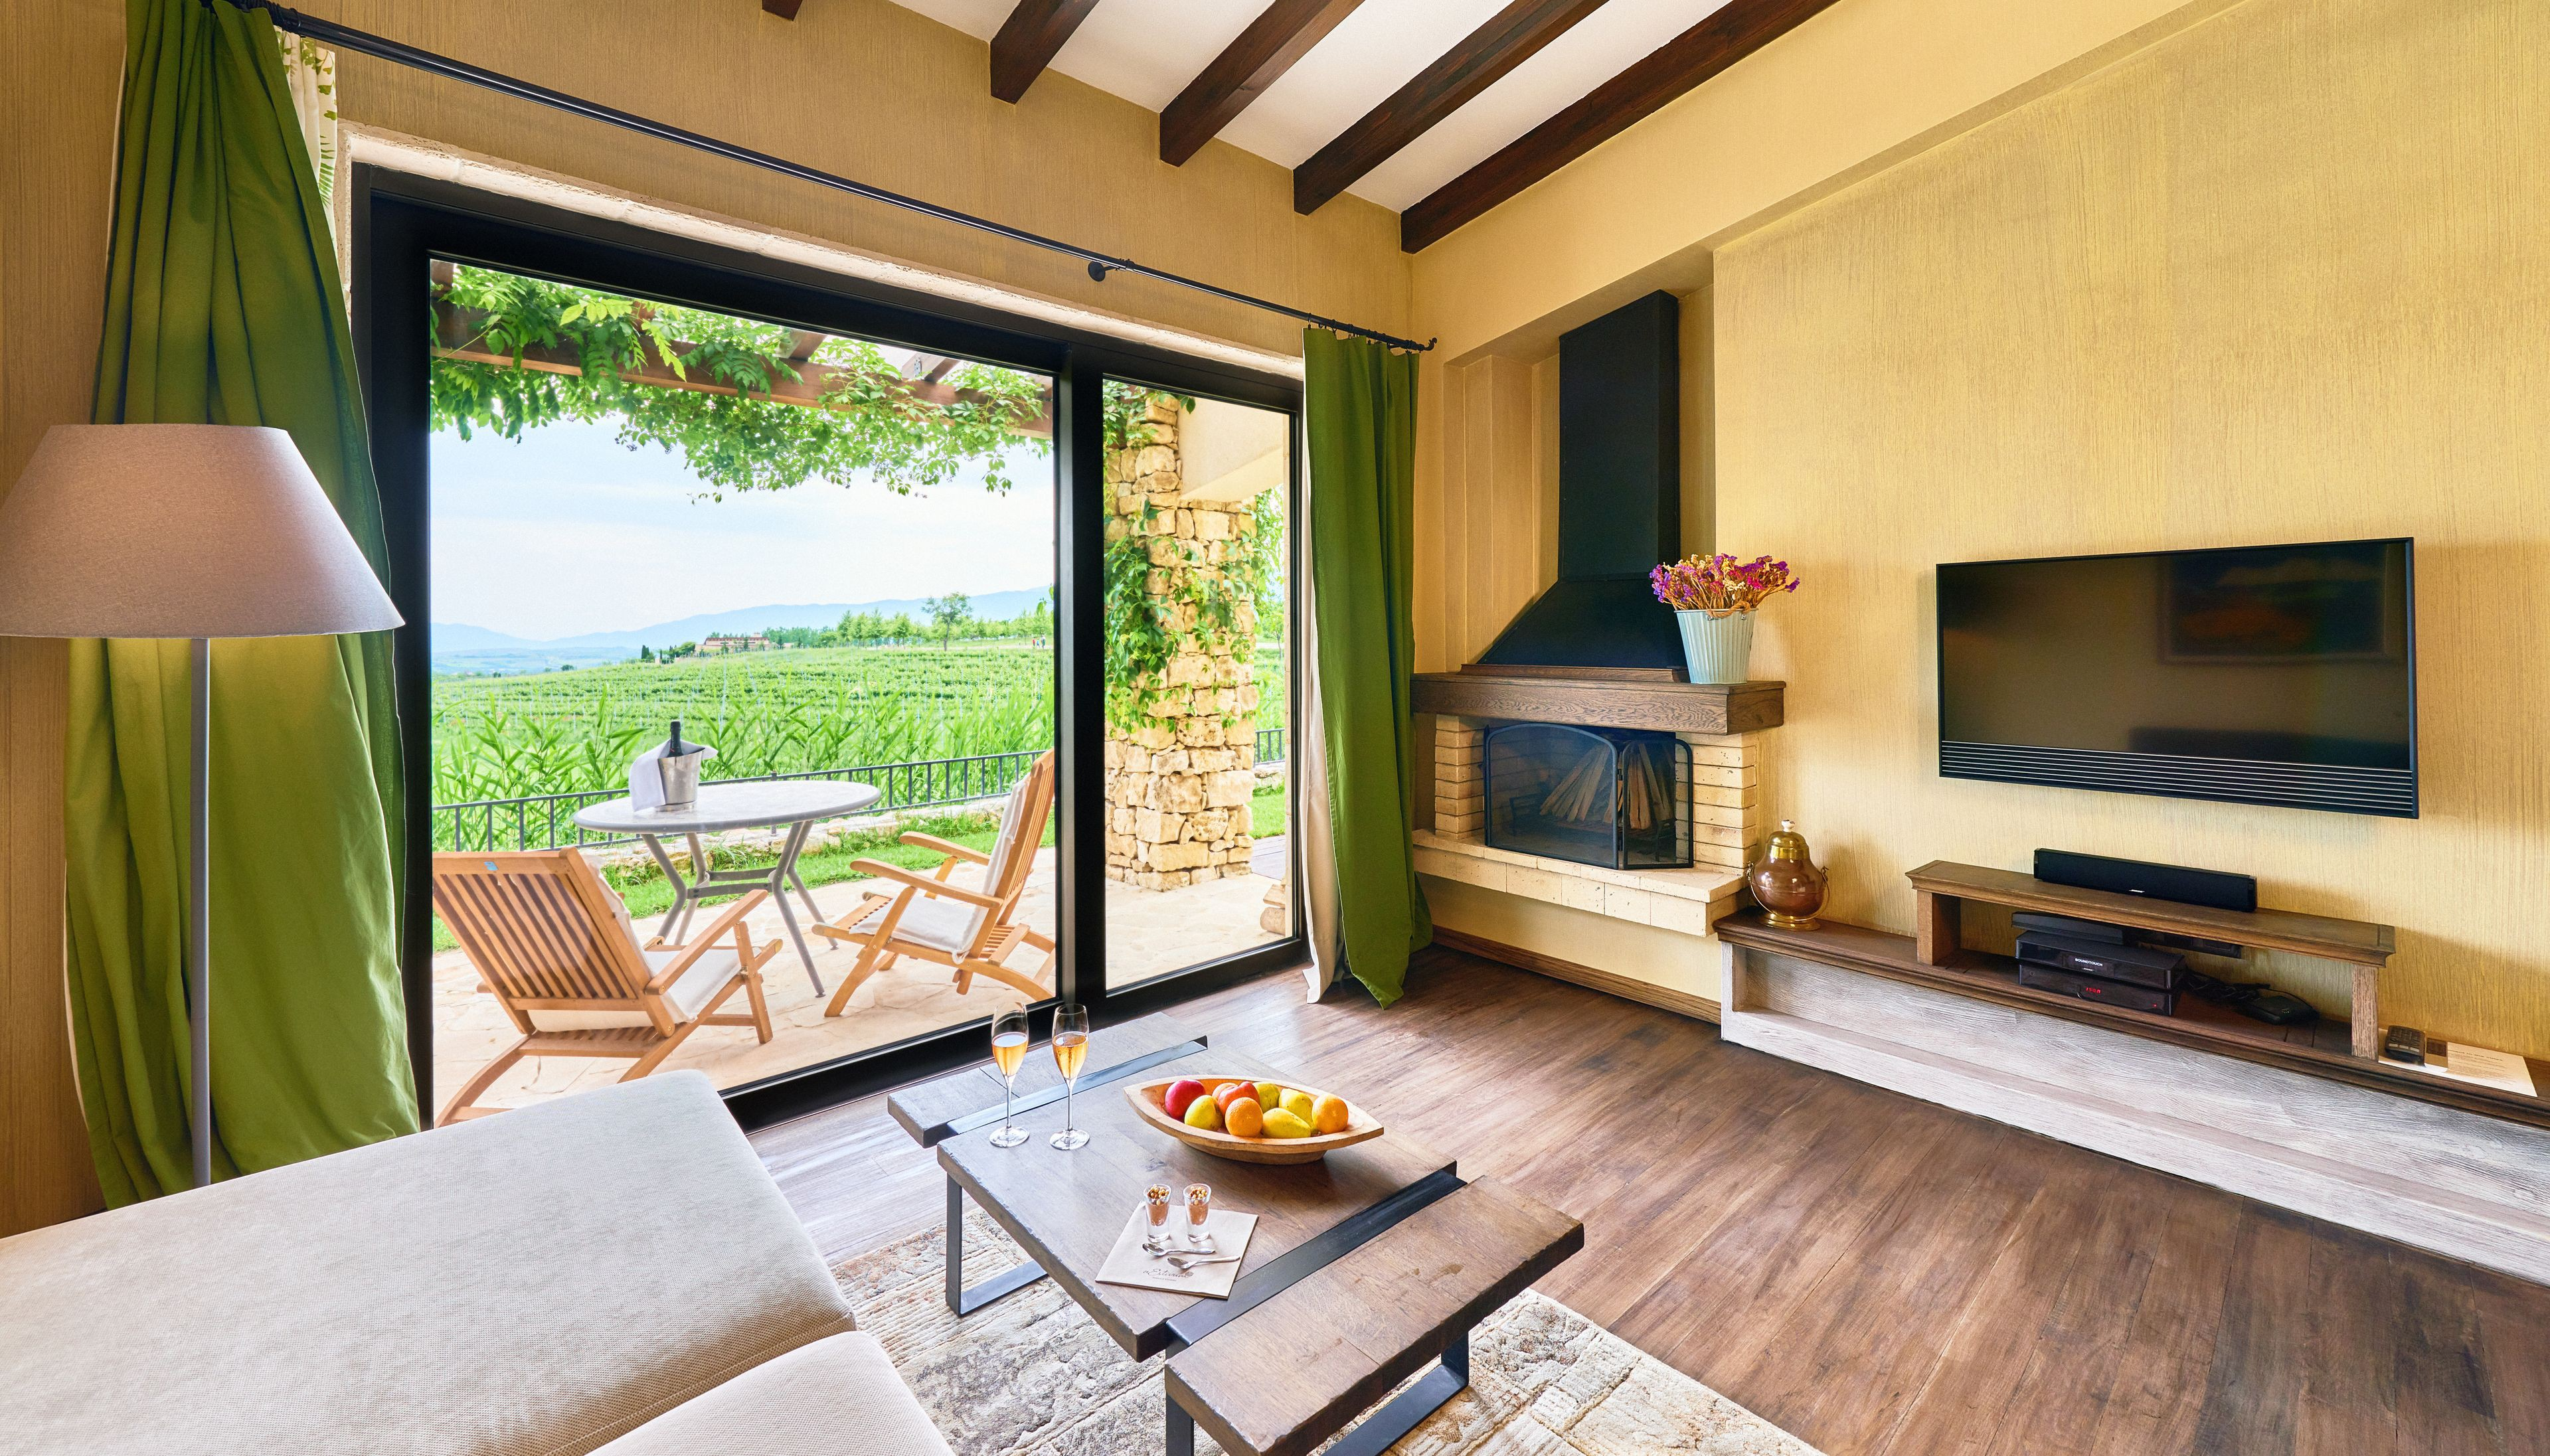 Courtesy of Zornitza Family Estate Relais & Chateaux / Expedia